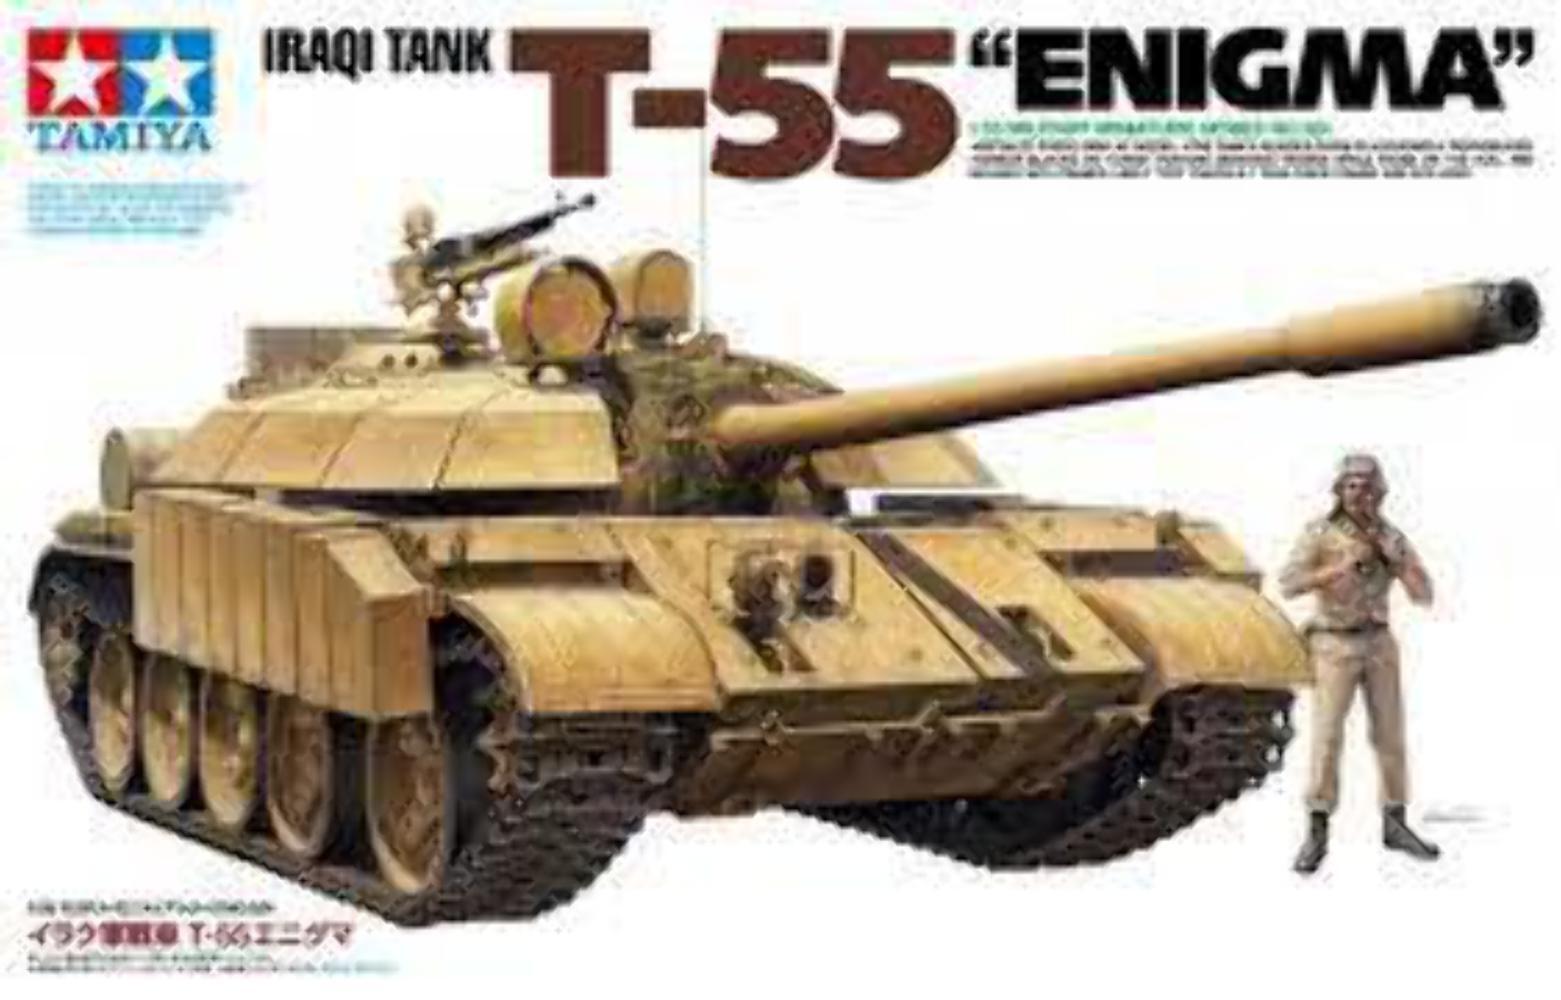 Tamiya Iraqi Tank T-55  Enigma